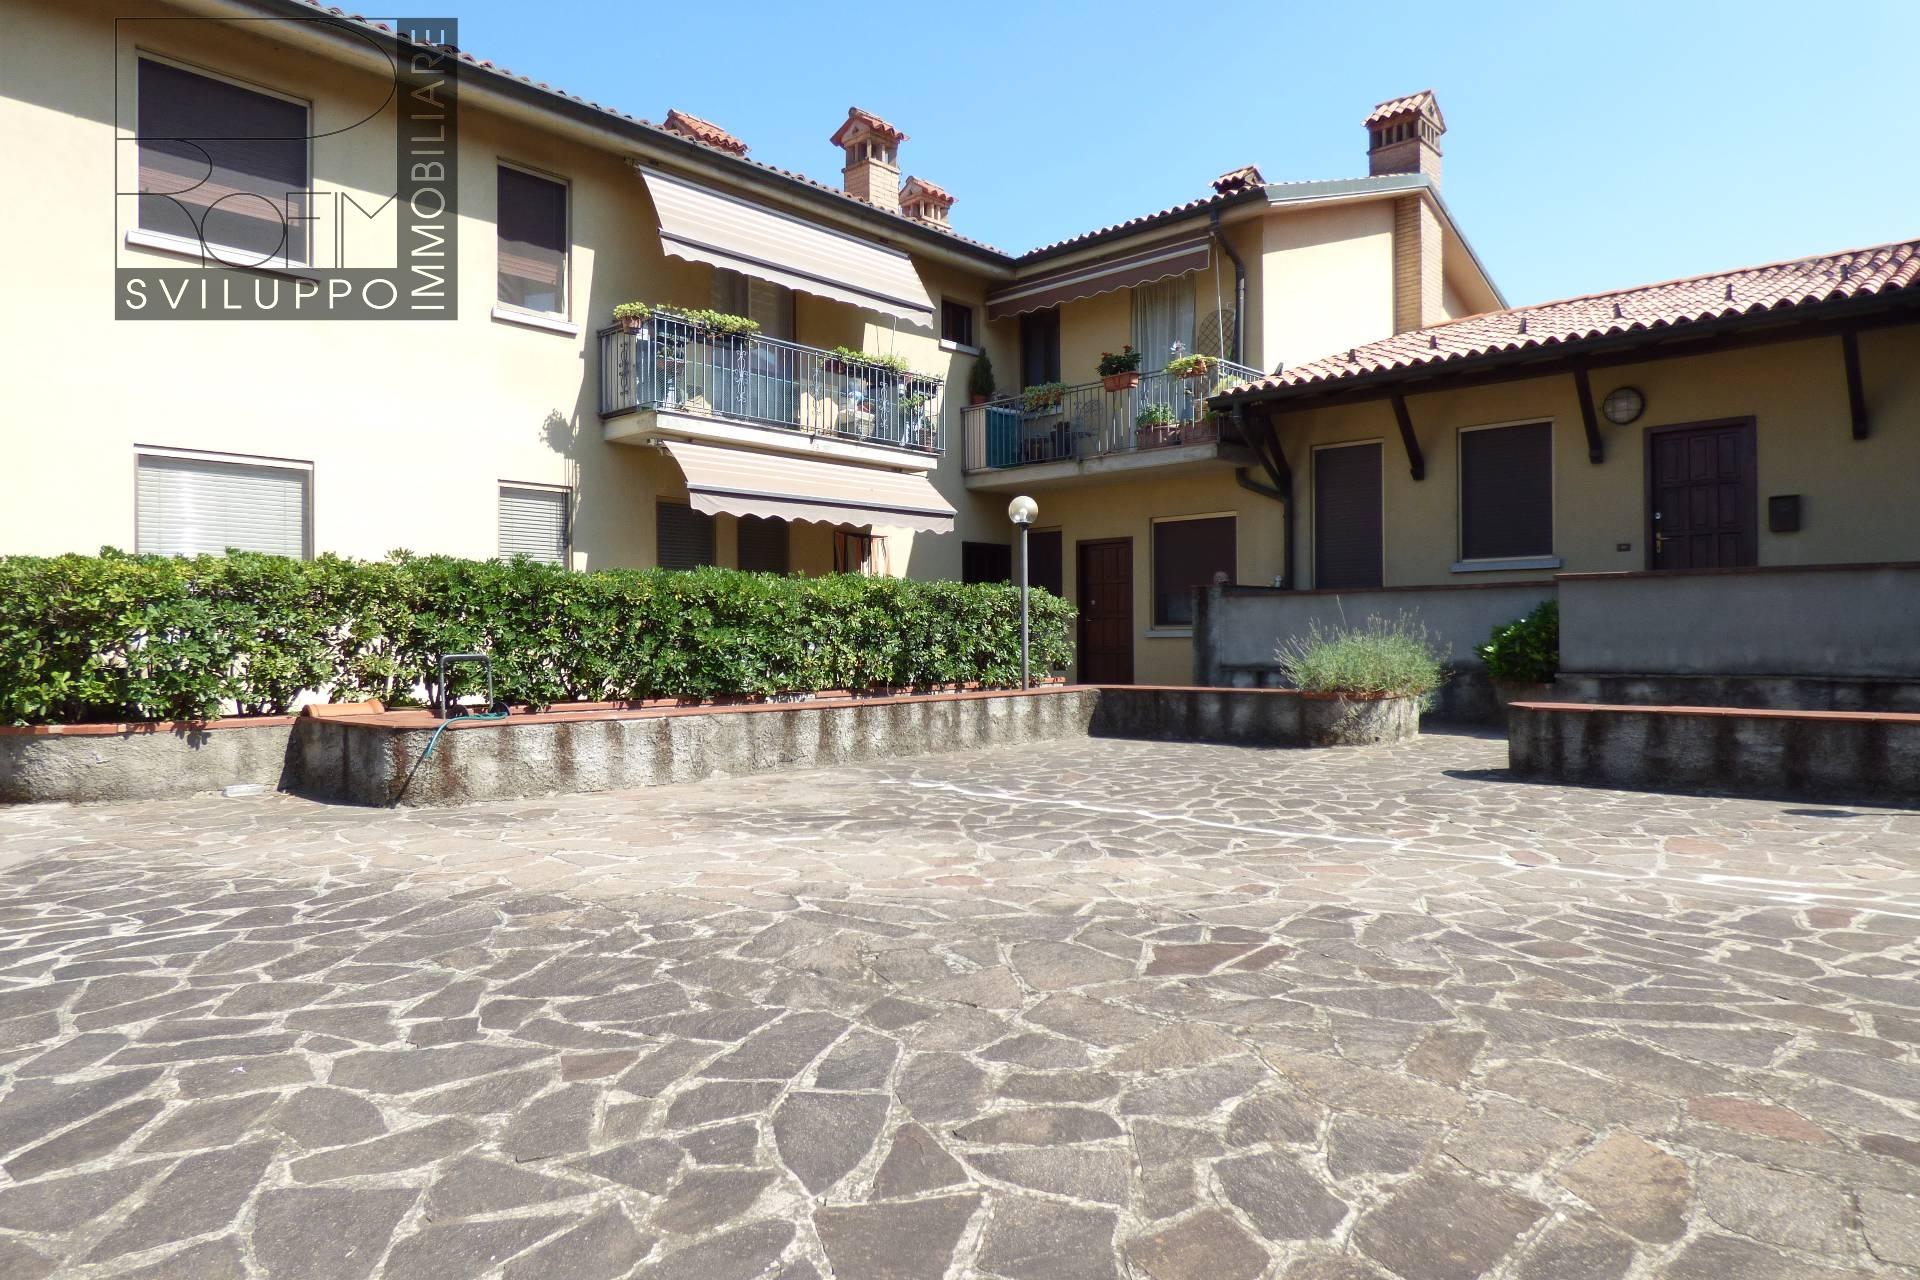 Appartamento in vendita a Dresano, 2 locali, prezzo € 95.000 | CambioCasa.it